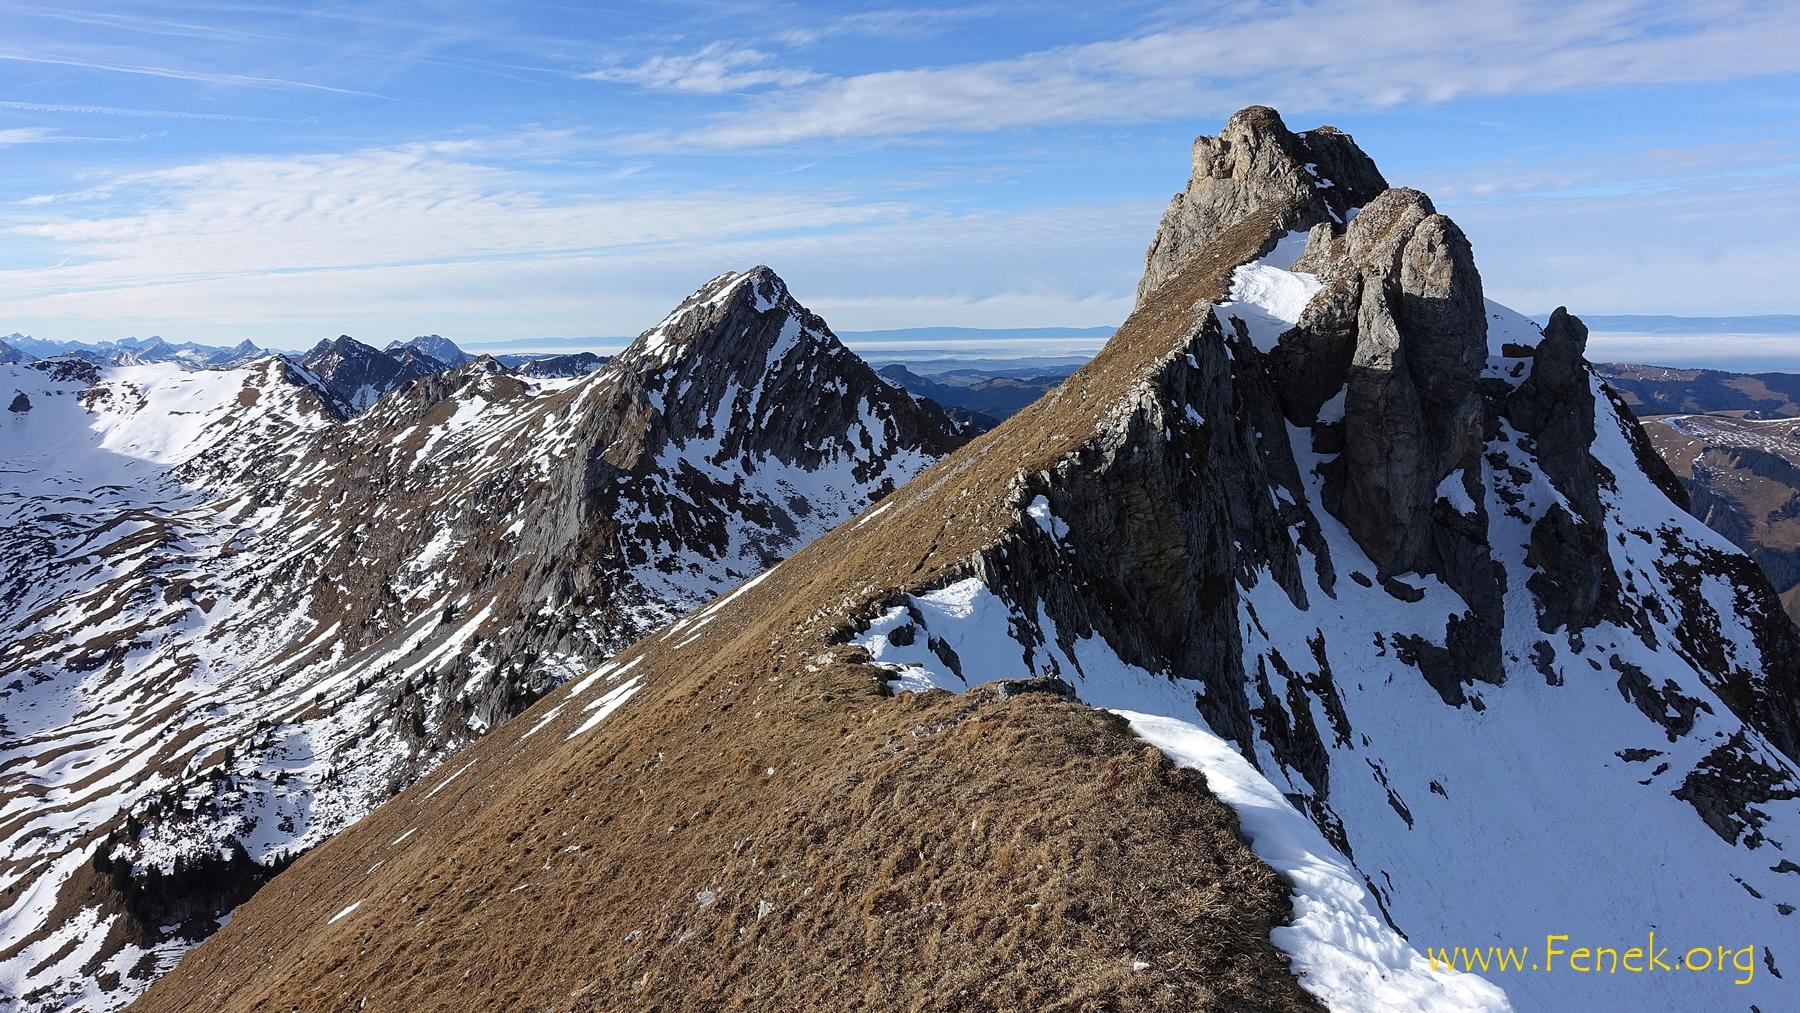 der Gipfel ist etwas rechts der Felsen sichtbar